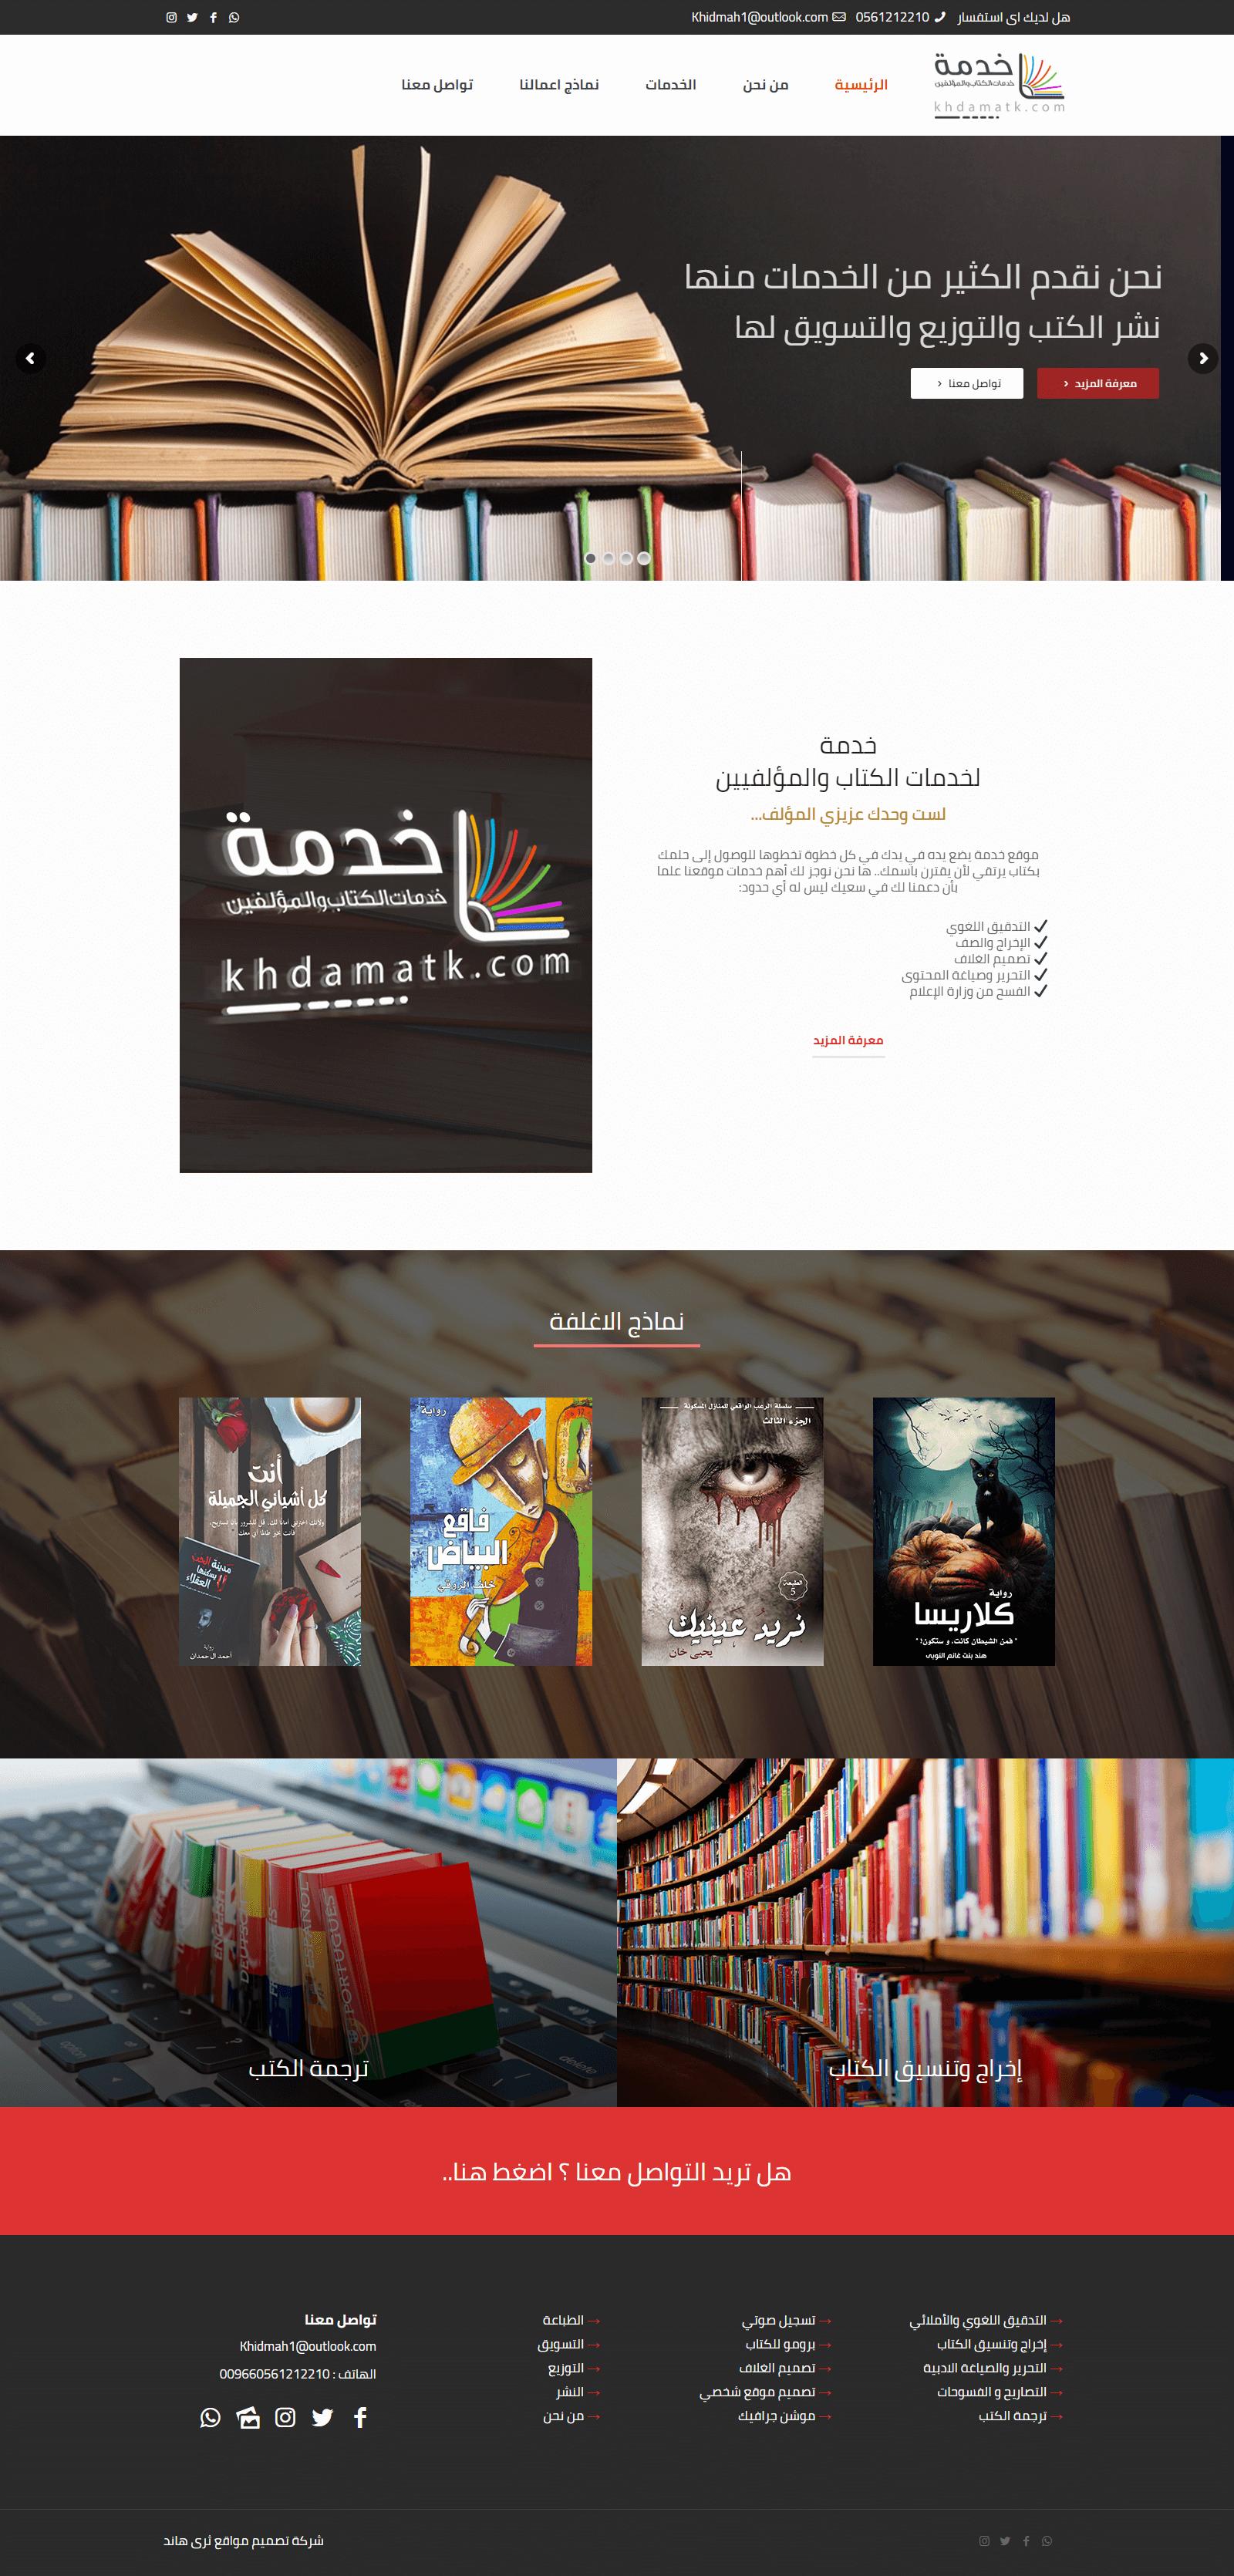 مؤسسة-خدمه-–-لخدمات-الكتاب-والمؤلفيين